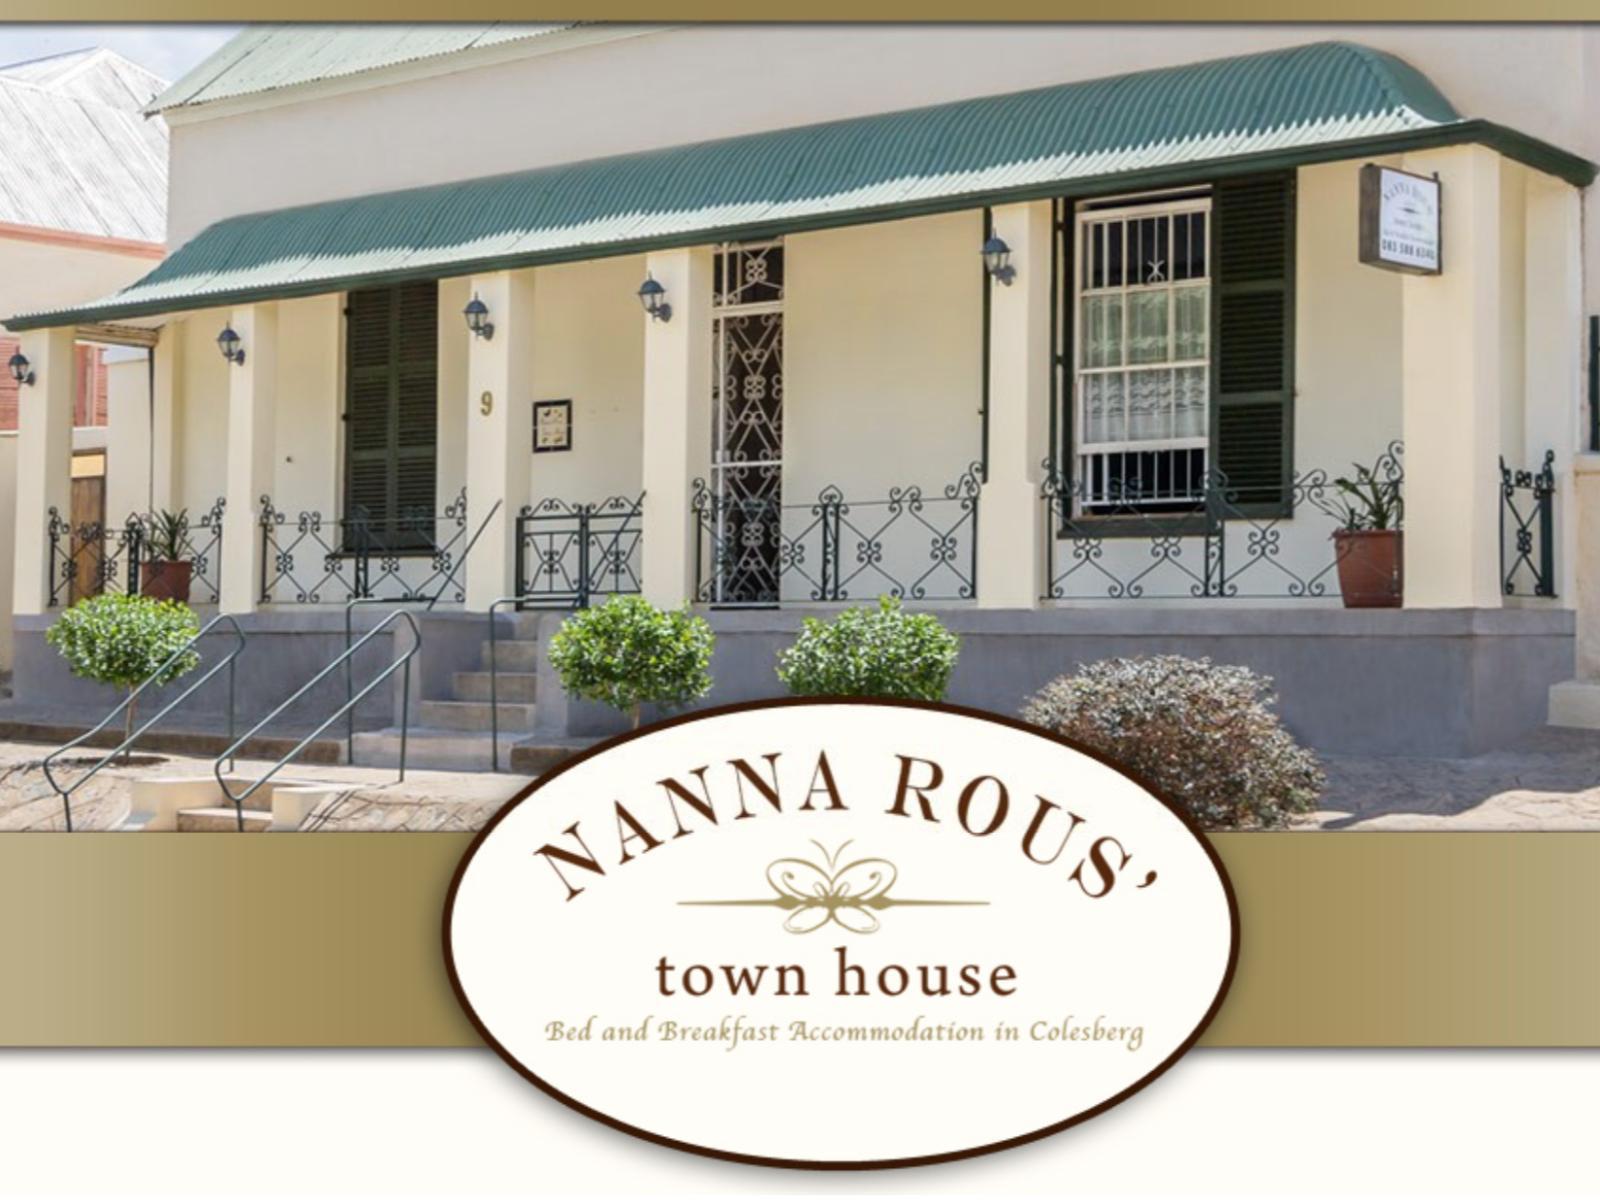 Nanna Rous' Town House